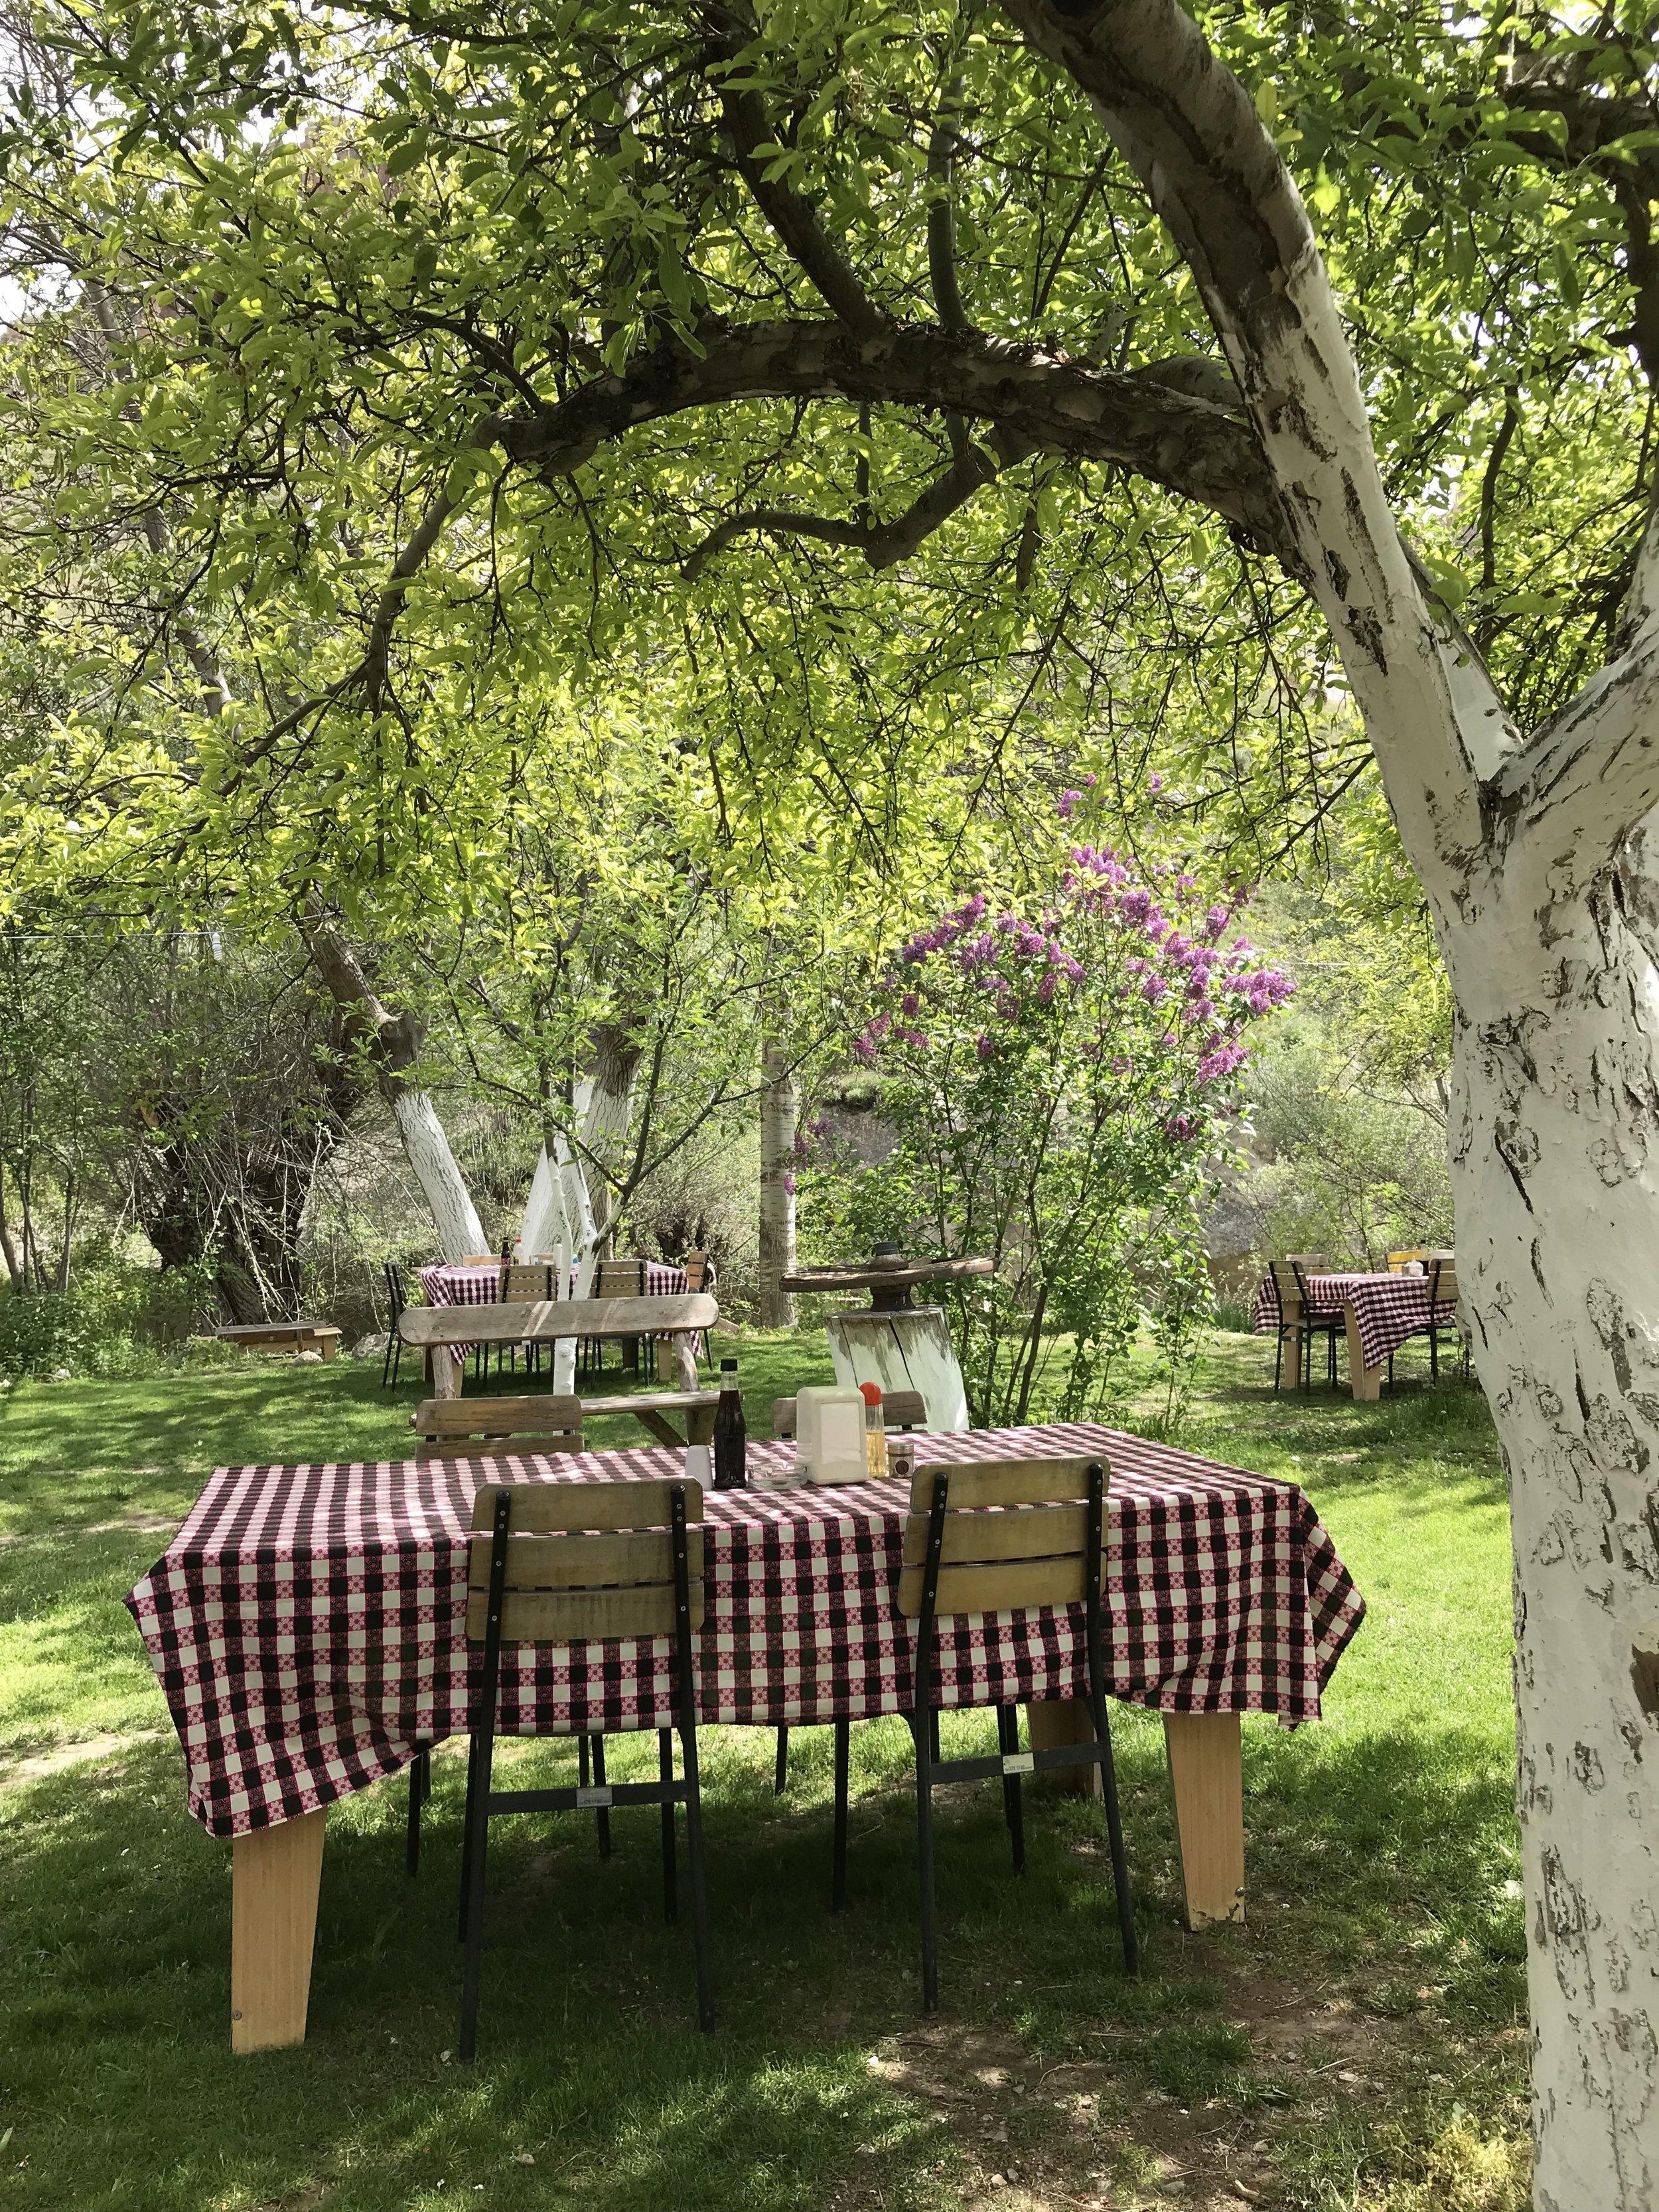 Apple Tree Garden - Sognali valley in Cappadocia